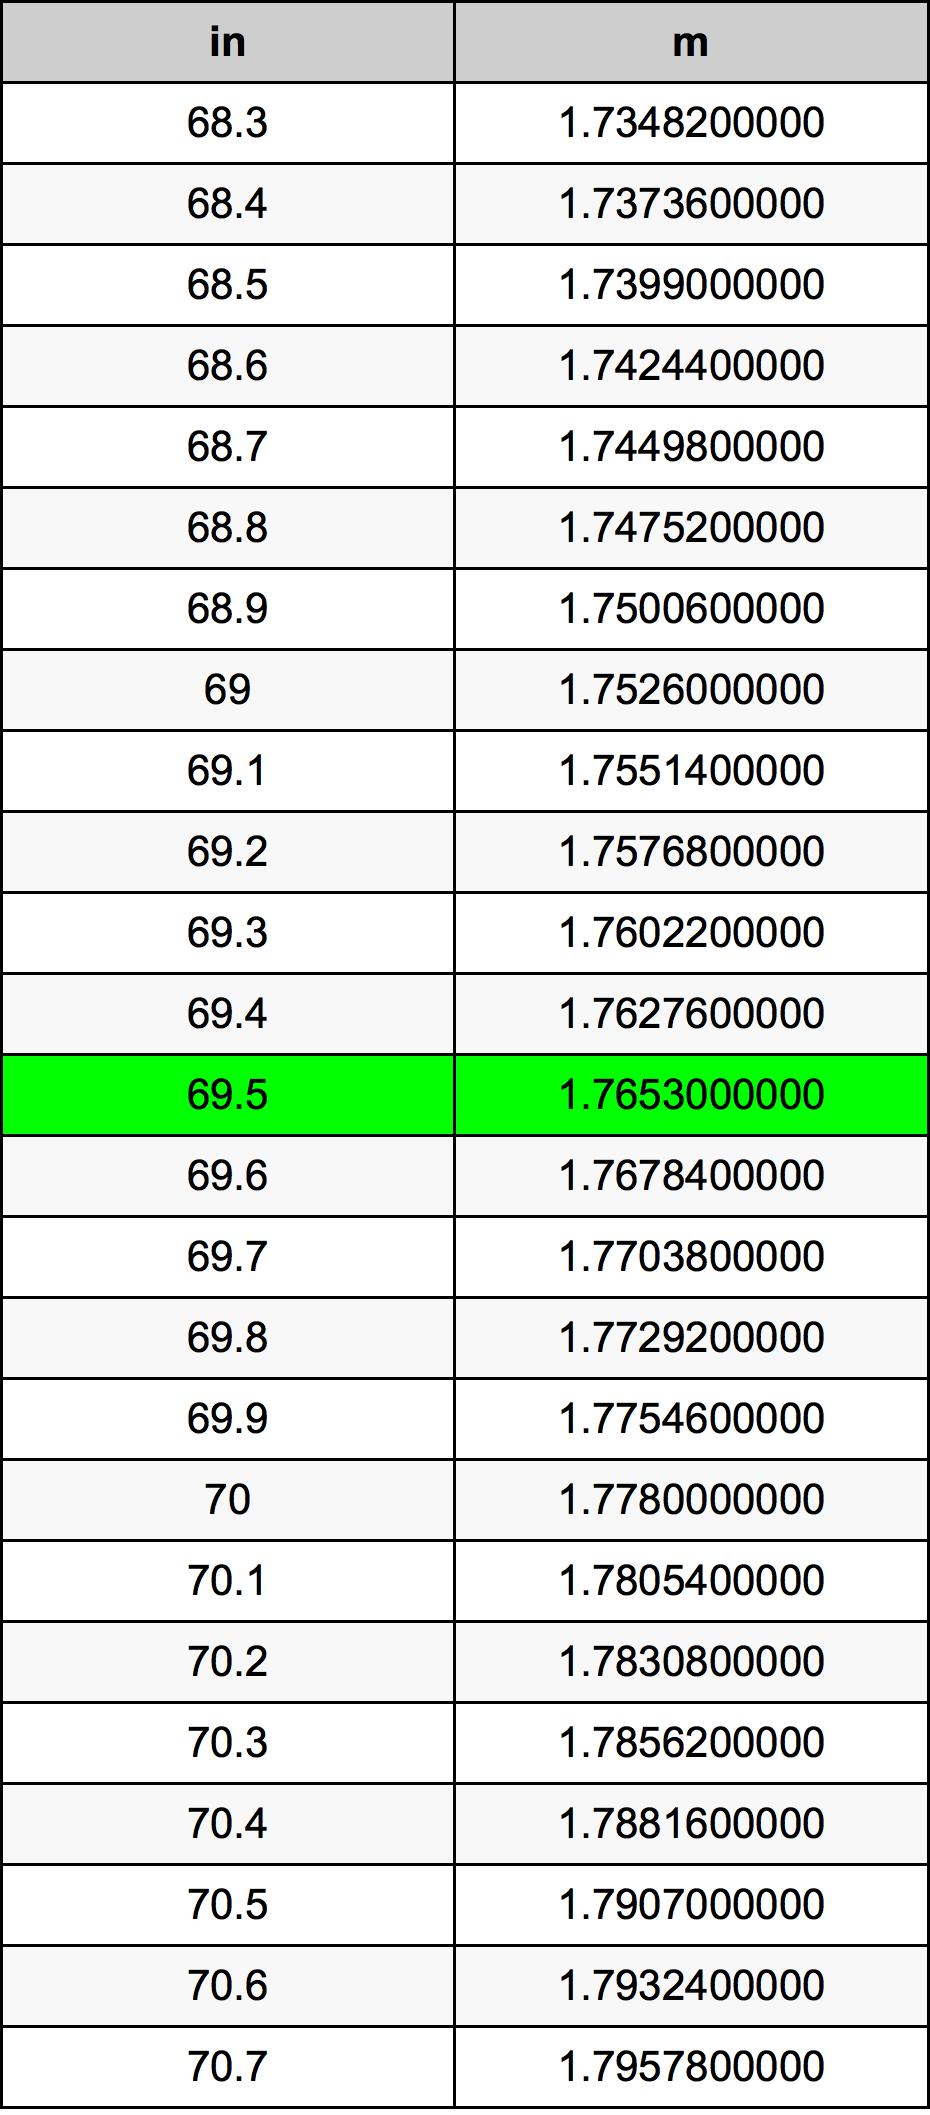 69.5 инч Таблица за преобразуване